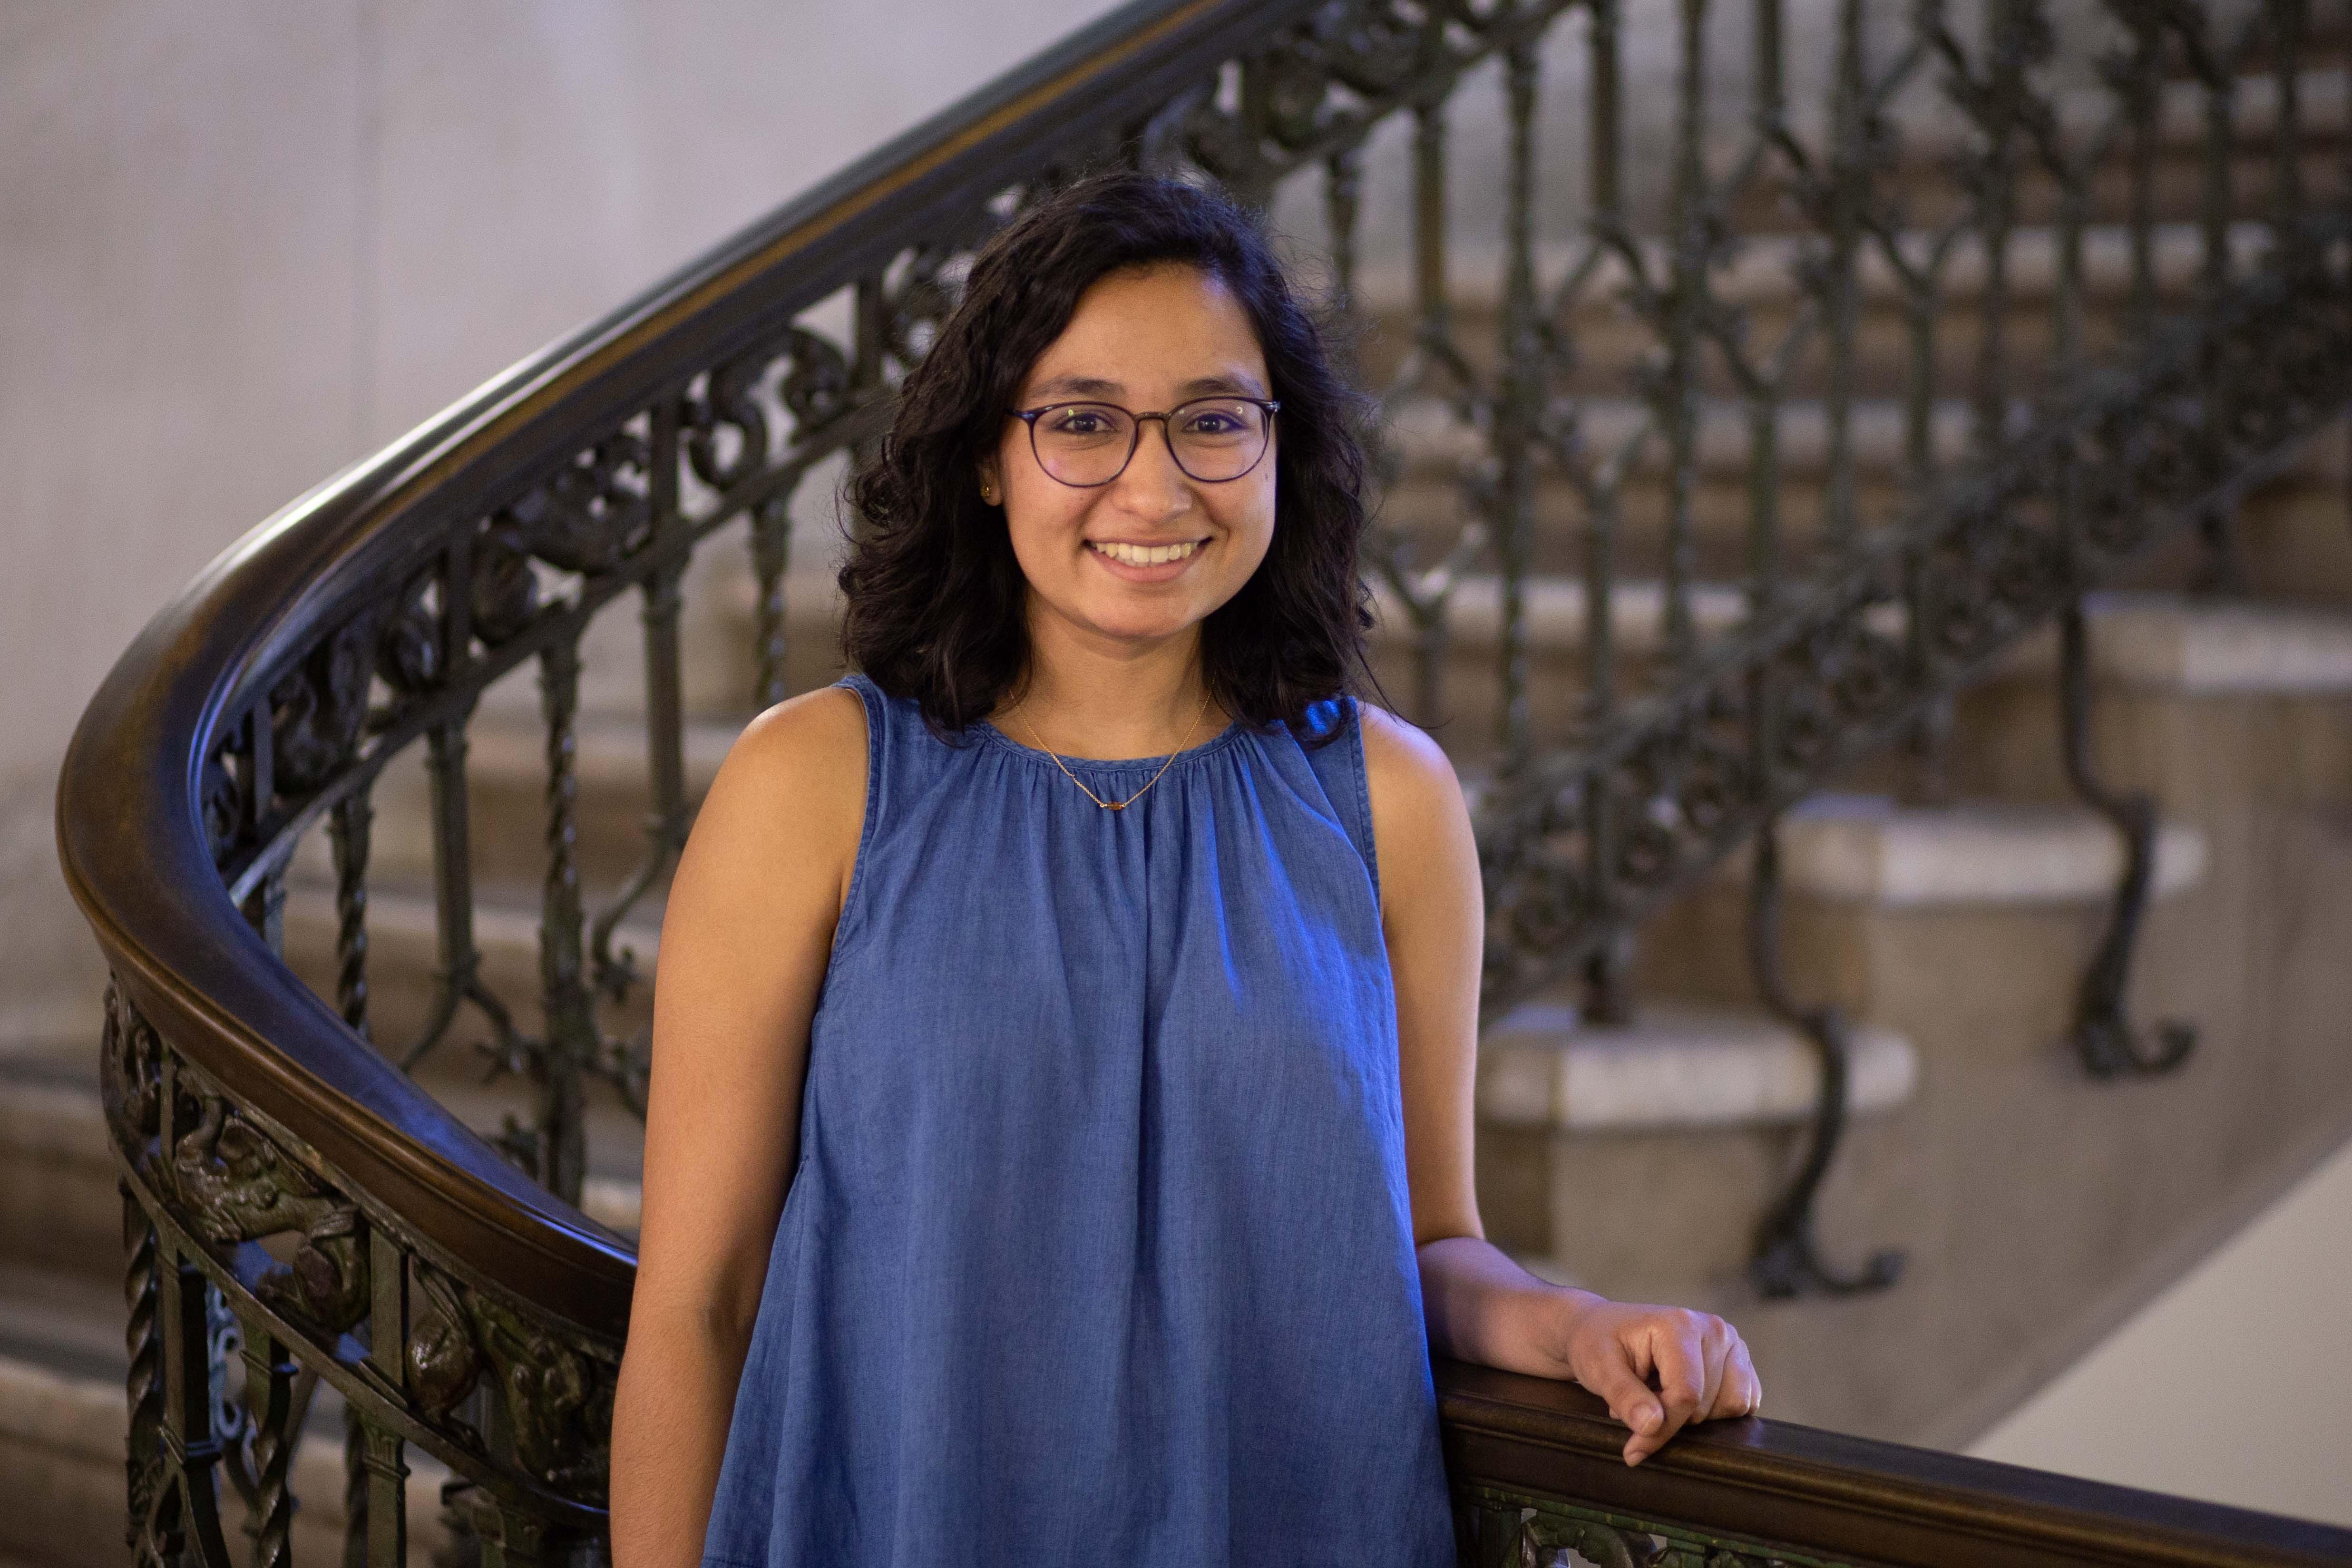 Ishaana Talesara